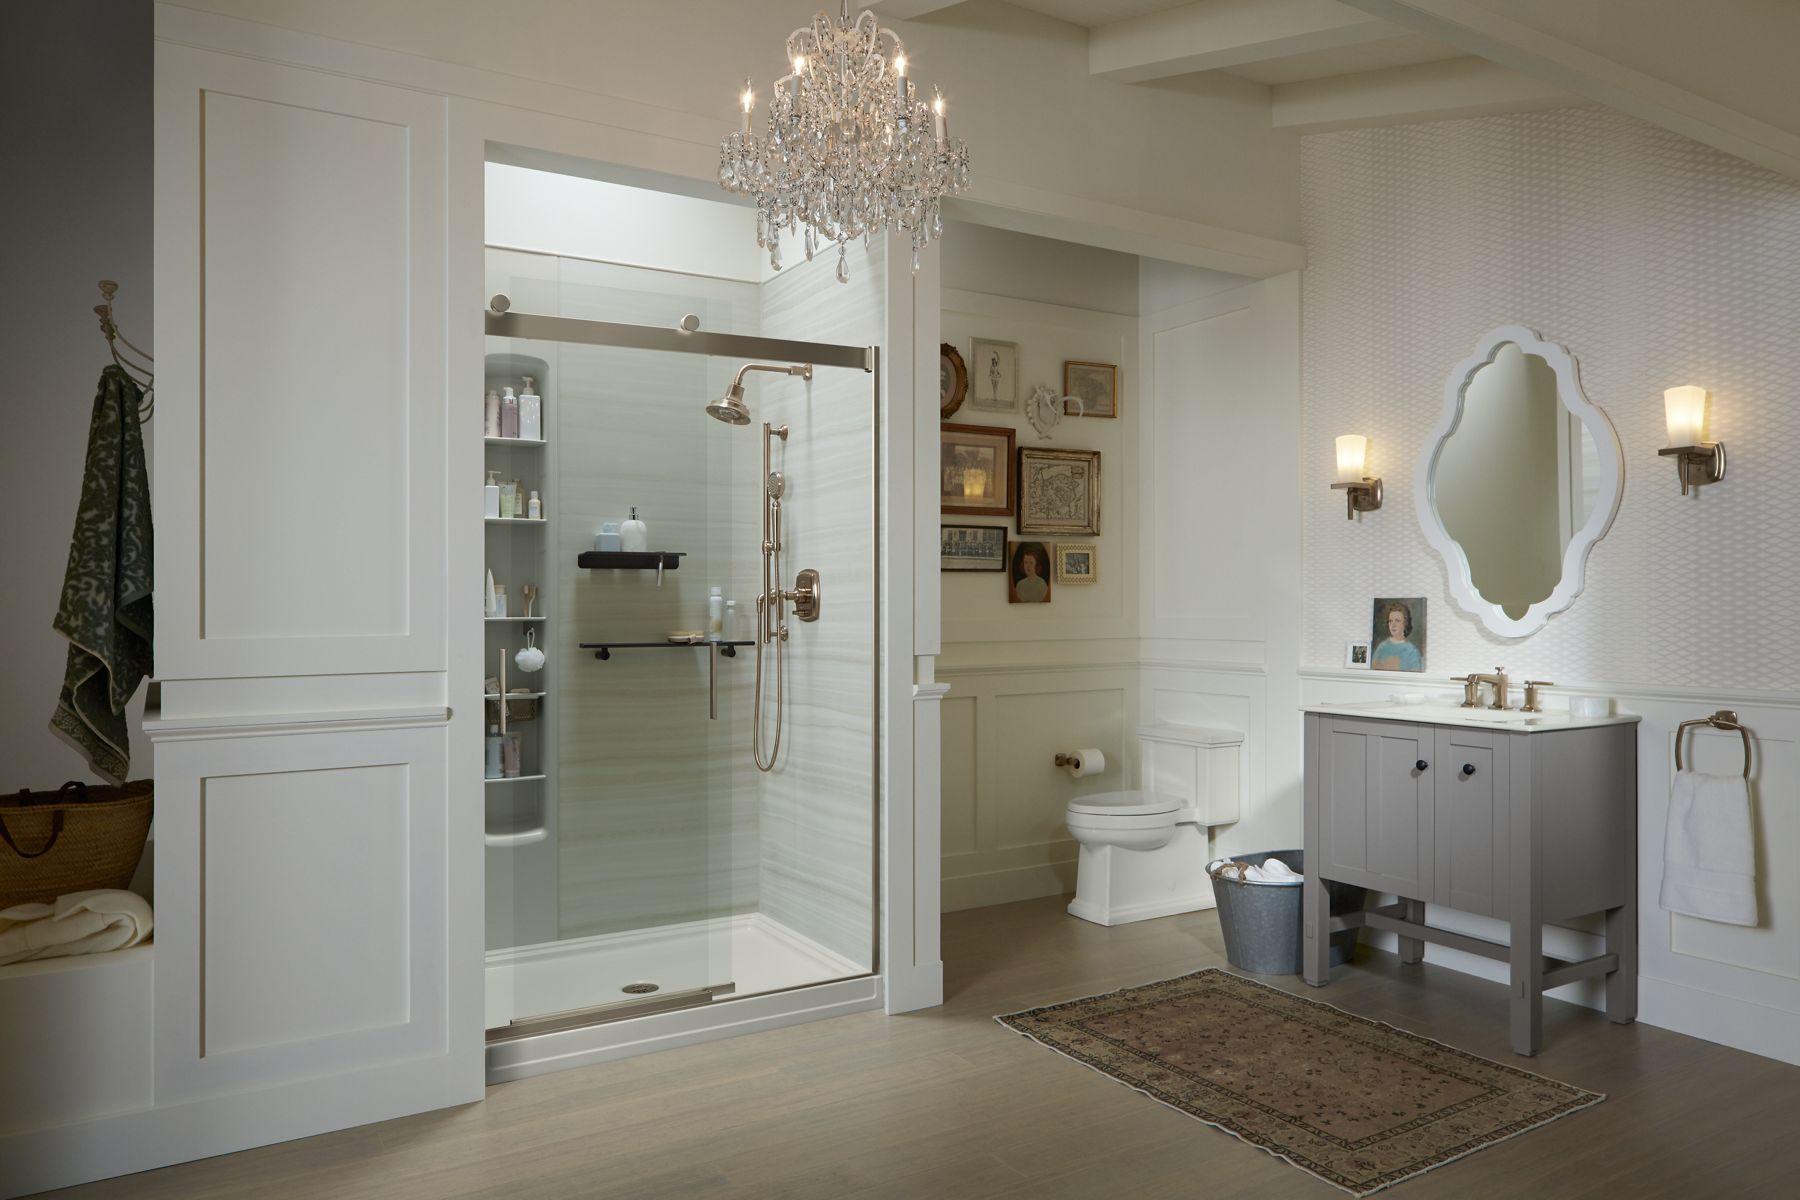 frameless shower doors showering bathroom kohler rh us kohler com